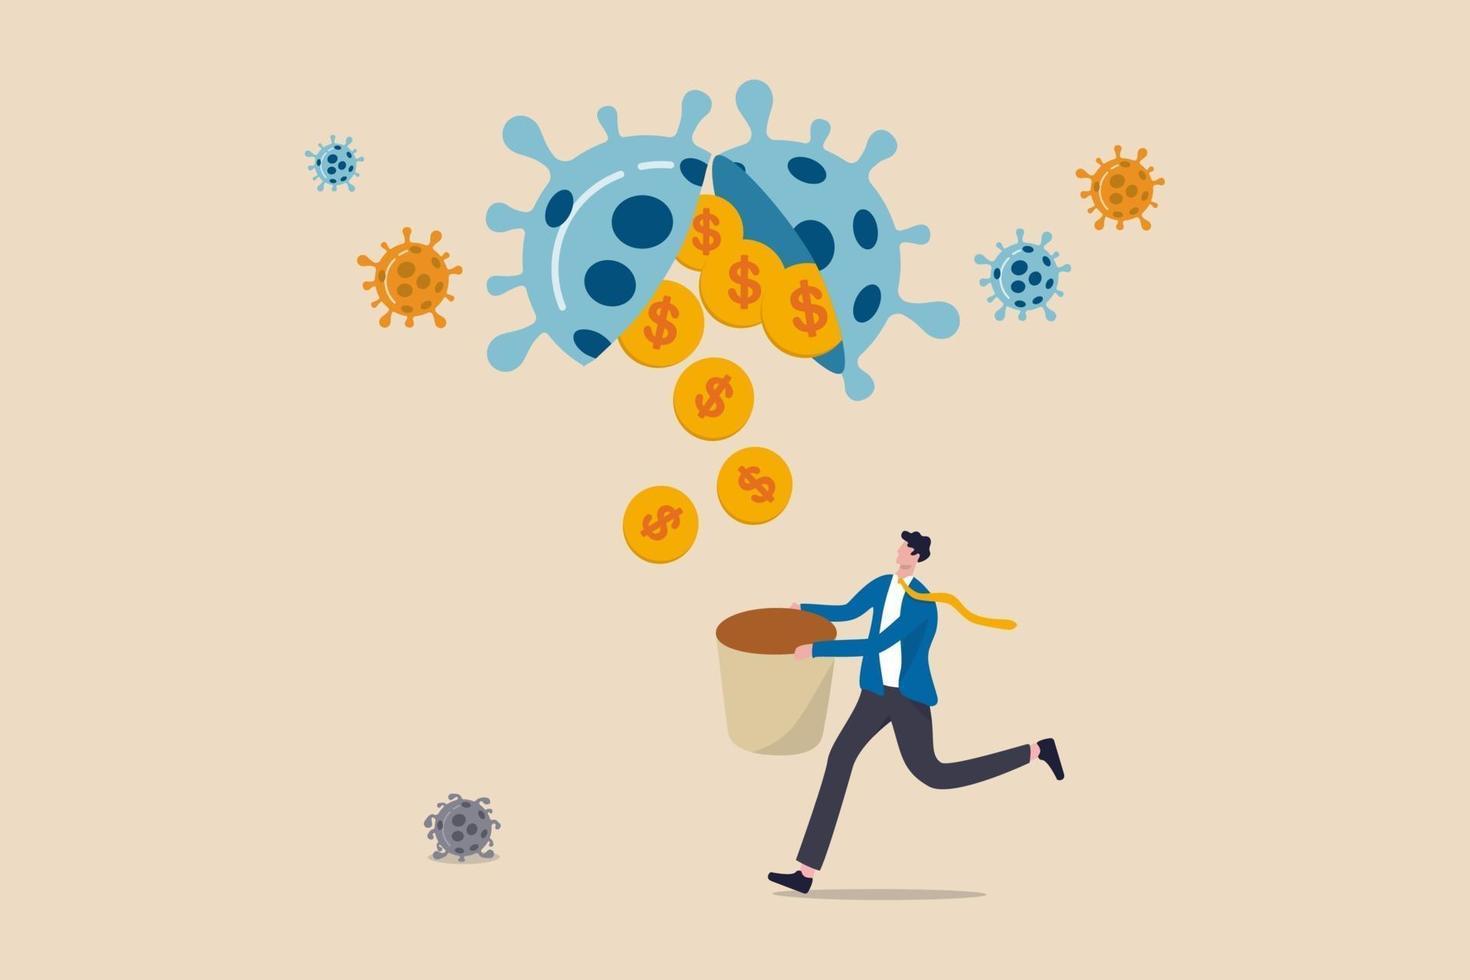 oportunidad de negocio o inversión en acciones de negociación en la crisis del coronavirus covid-19 o el concepto de recesión económica, inversor o propietario de un negocio que sostiene una canasta para obtener dinero en monedas de oro del virus patógeno. vector